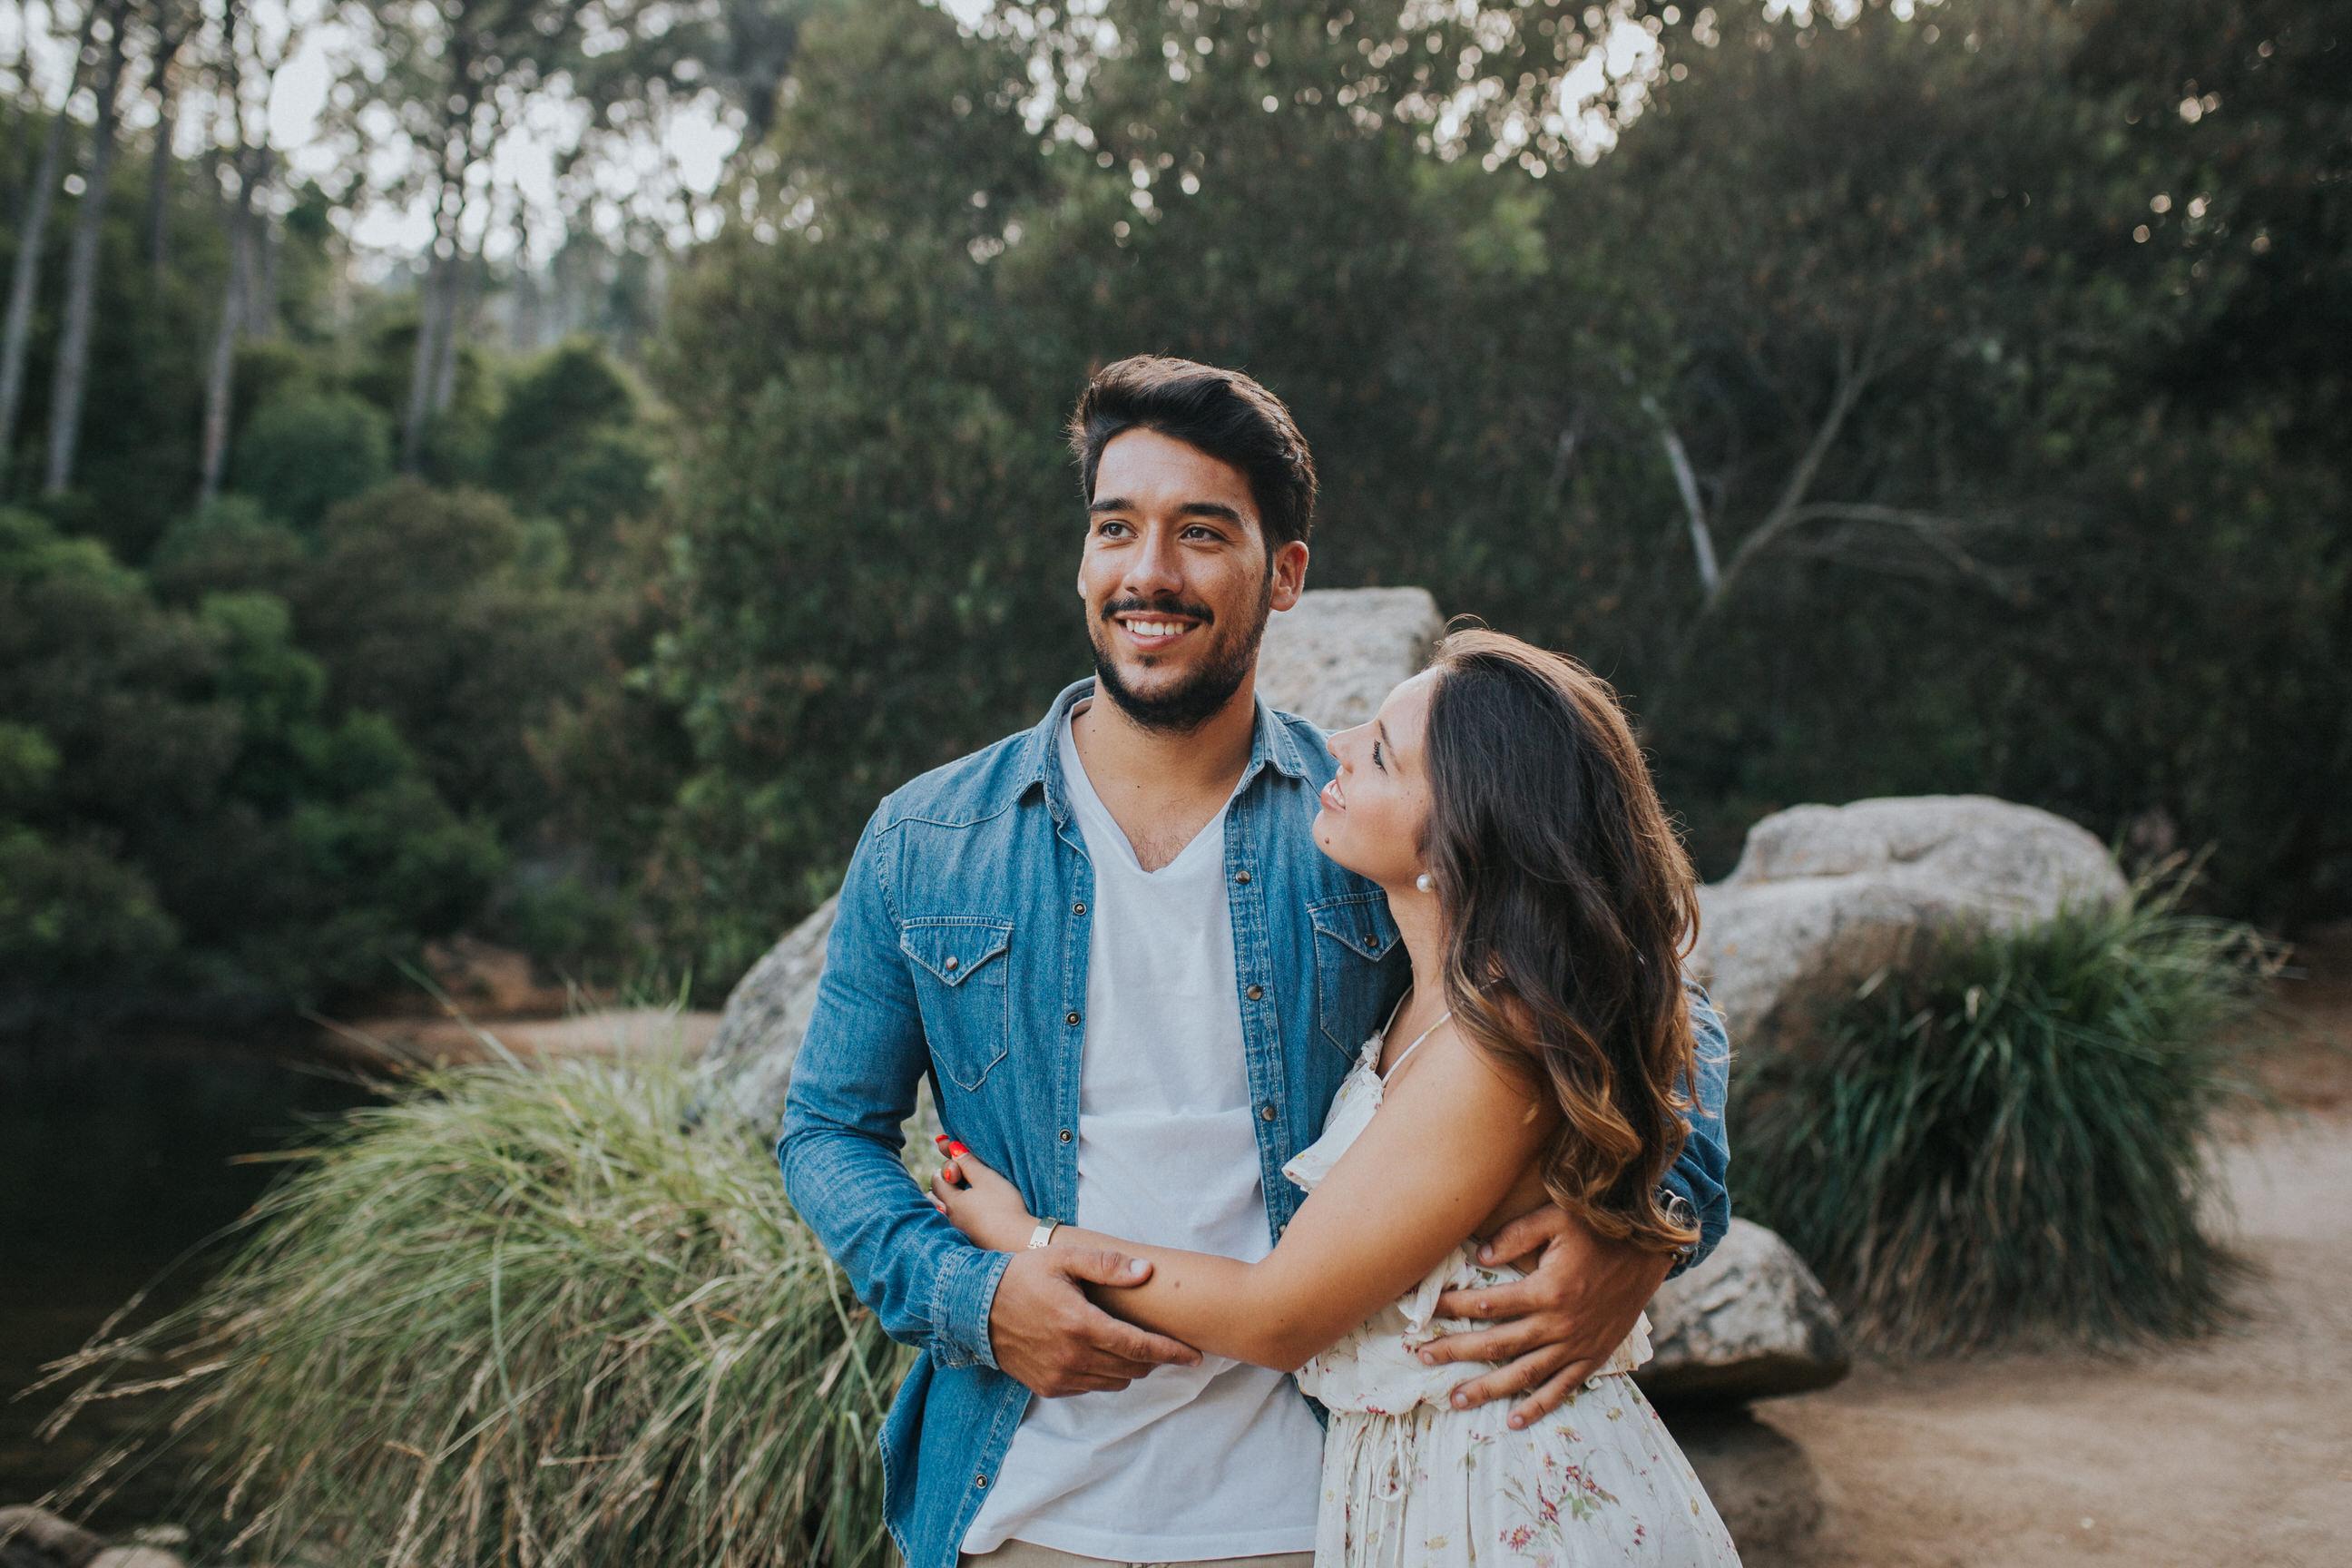 04 Cristiana&André-engagement-love-session-solteiros-noivado-foto-natural-Filipe-Santiago-Fotografia-Lisboa-Sintra-Mafra-Malveira-Fotografos-sorrisos